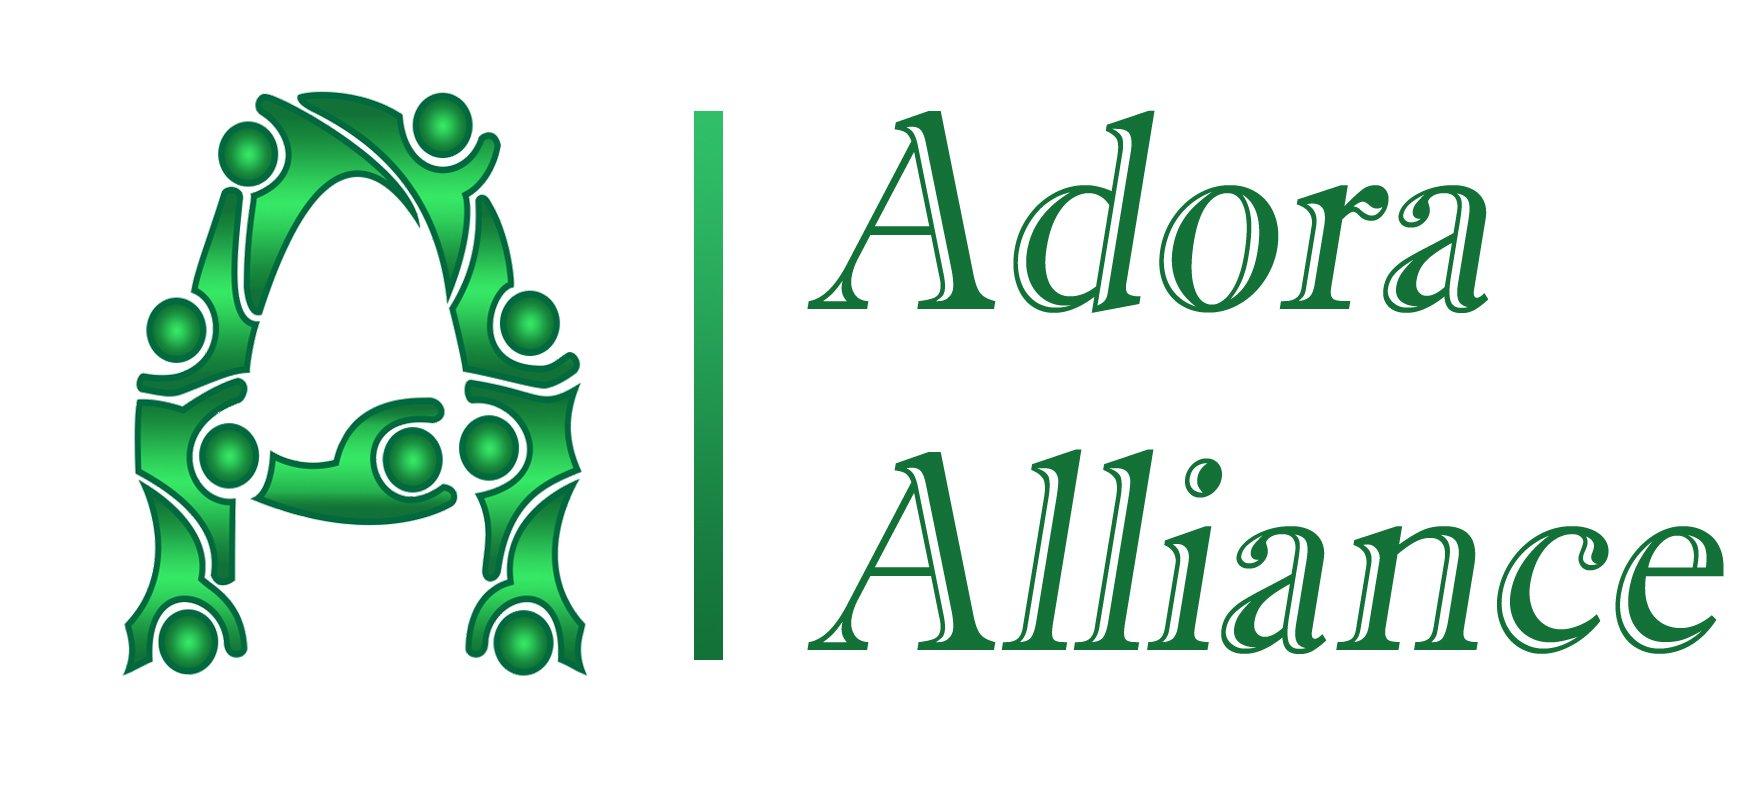 Adora Alliance